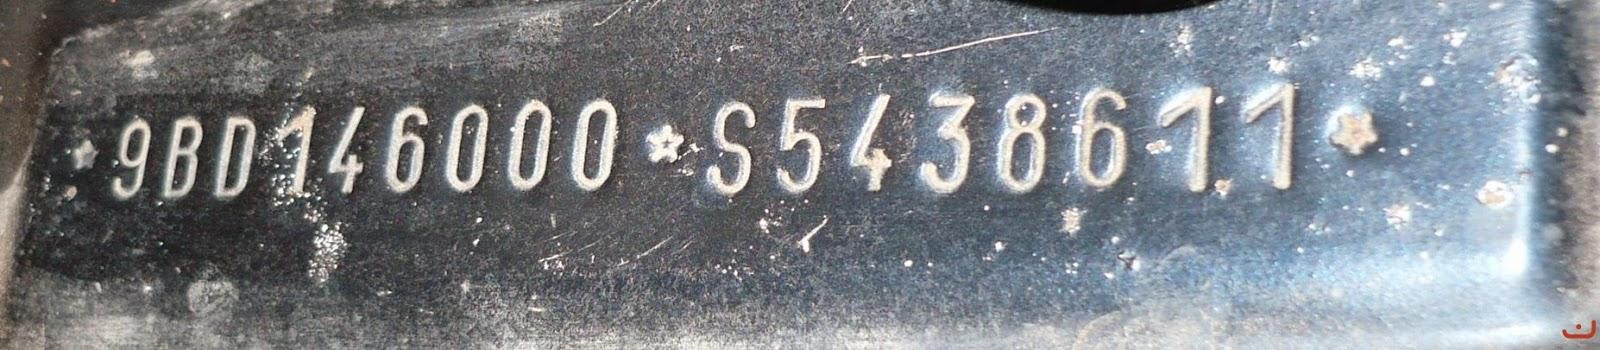 Fiat Identifica 199 195 O Veicular Tudo Em Um 218 Nico Lugar